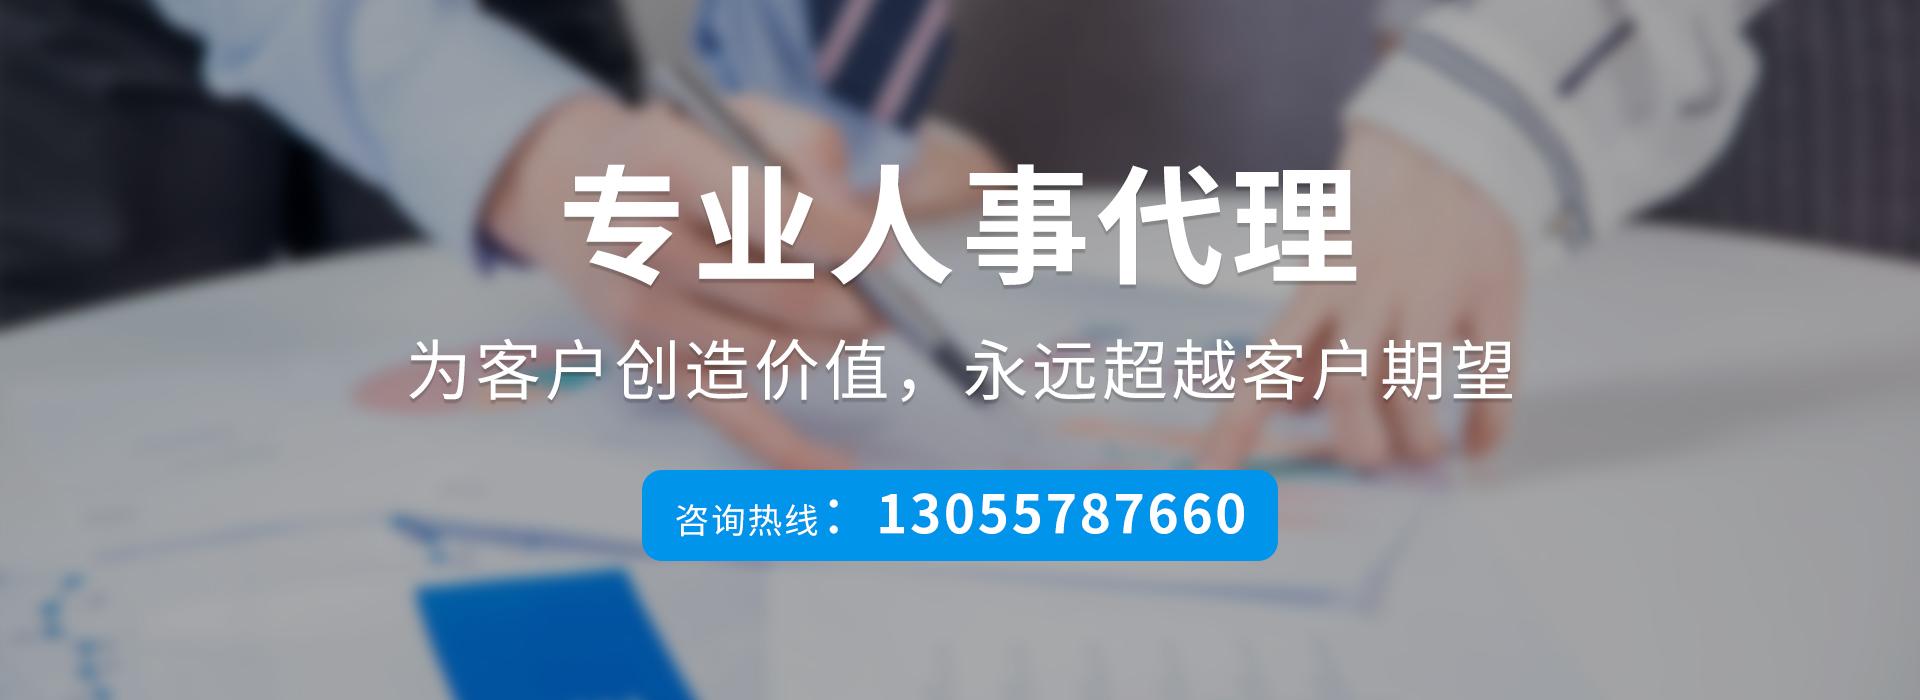 福州勞務外包,福州勞務派遣,福州代繳五險一金